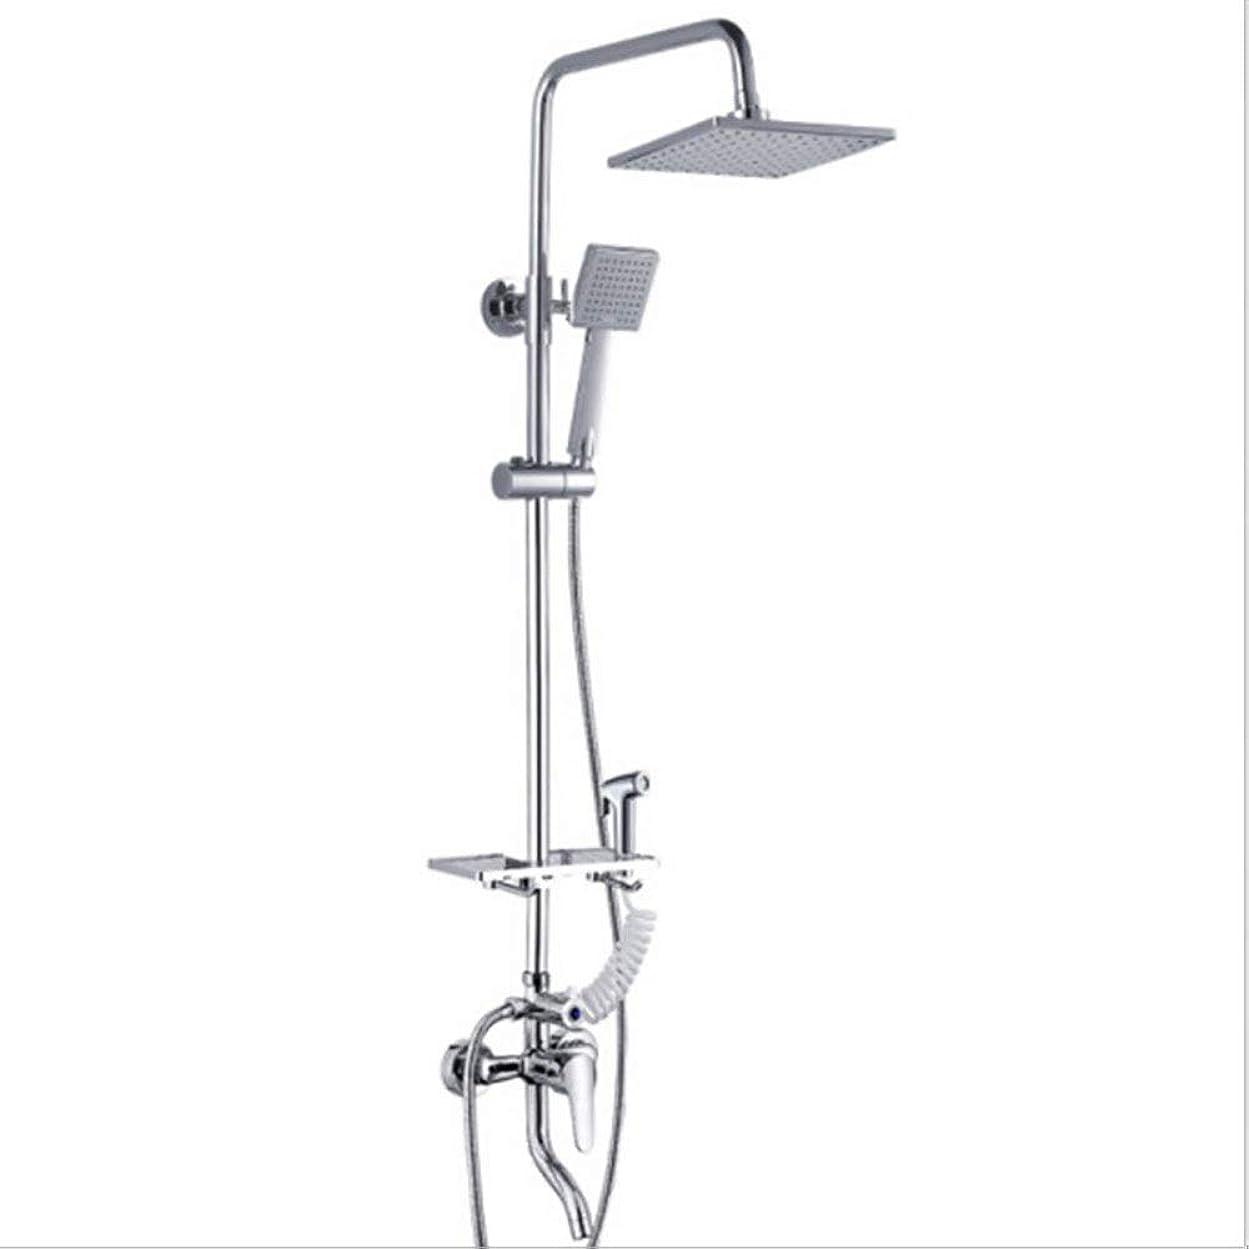 報いる再撮りめったにシャワー シャワー - 高圧スクエア大型ハンドシャワー/ 1.5 Mホースアジャスタブル水3/4モード節水シャワーホームスプレー